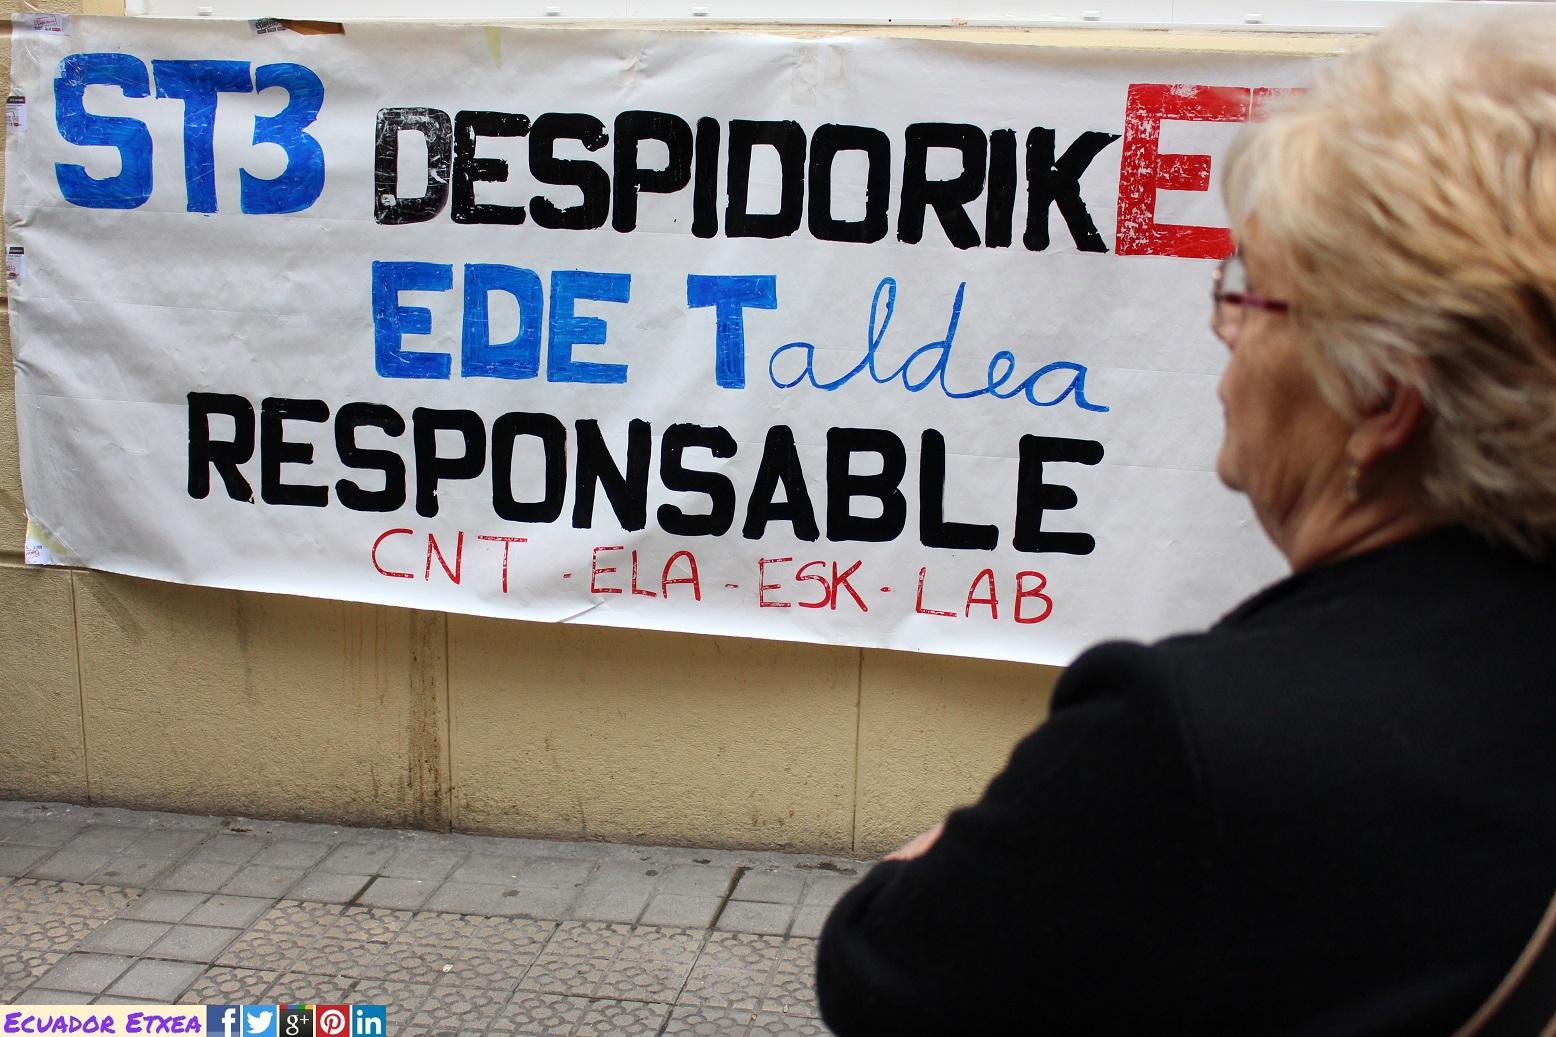 Ecuador Etxea (oficial): Plantilla de ST3 Elkartea: \